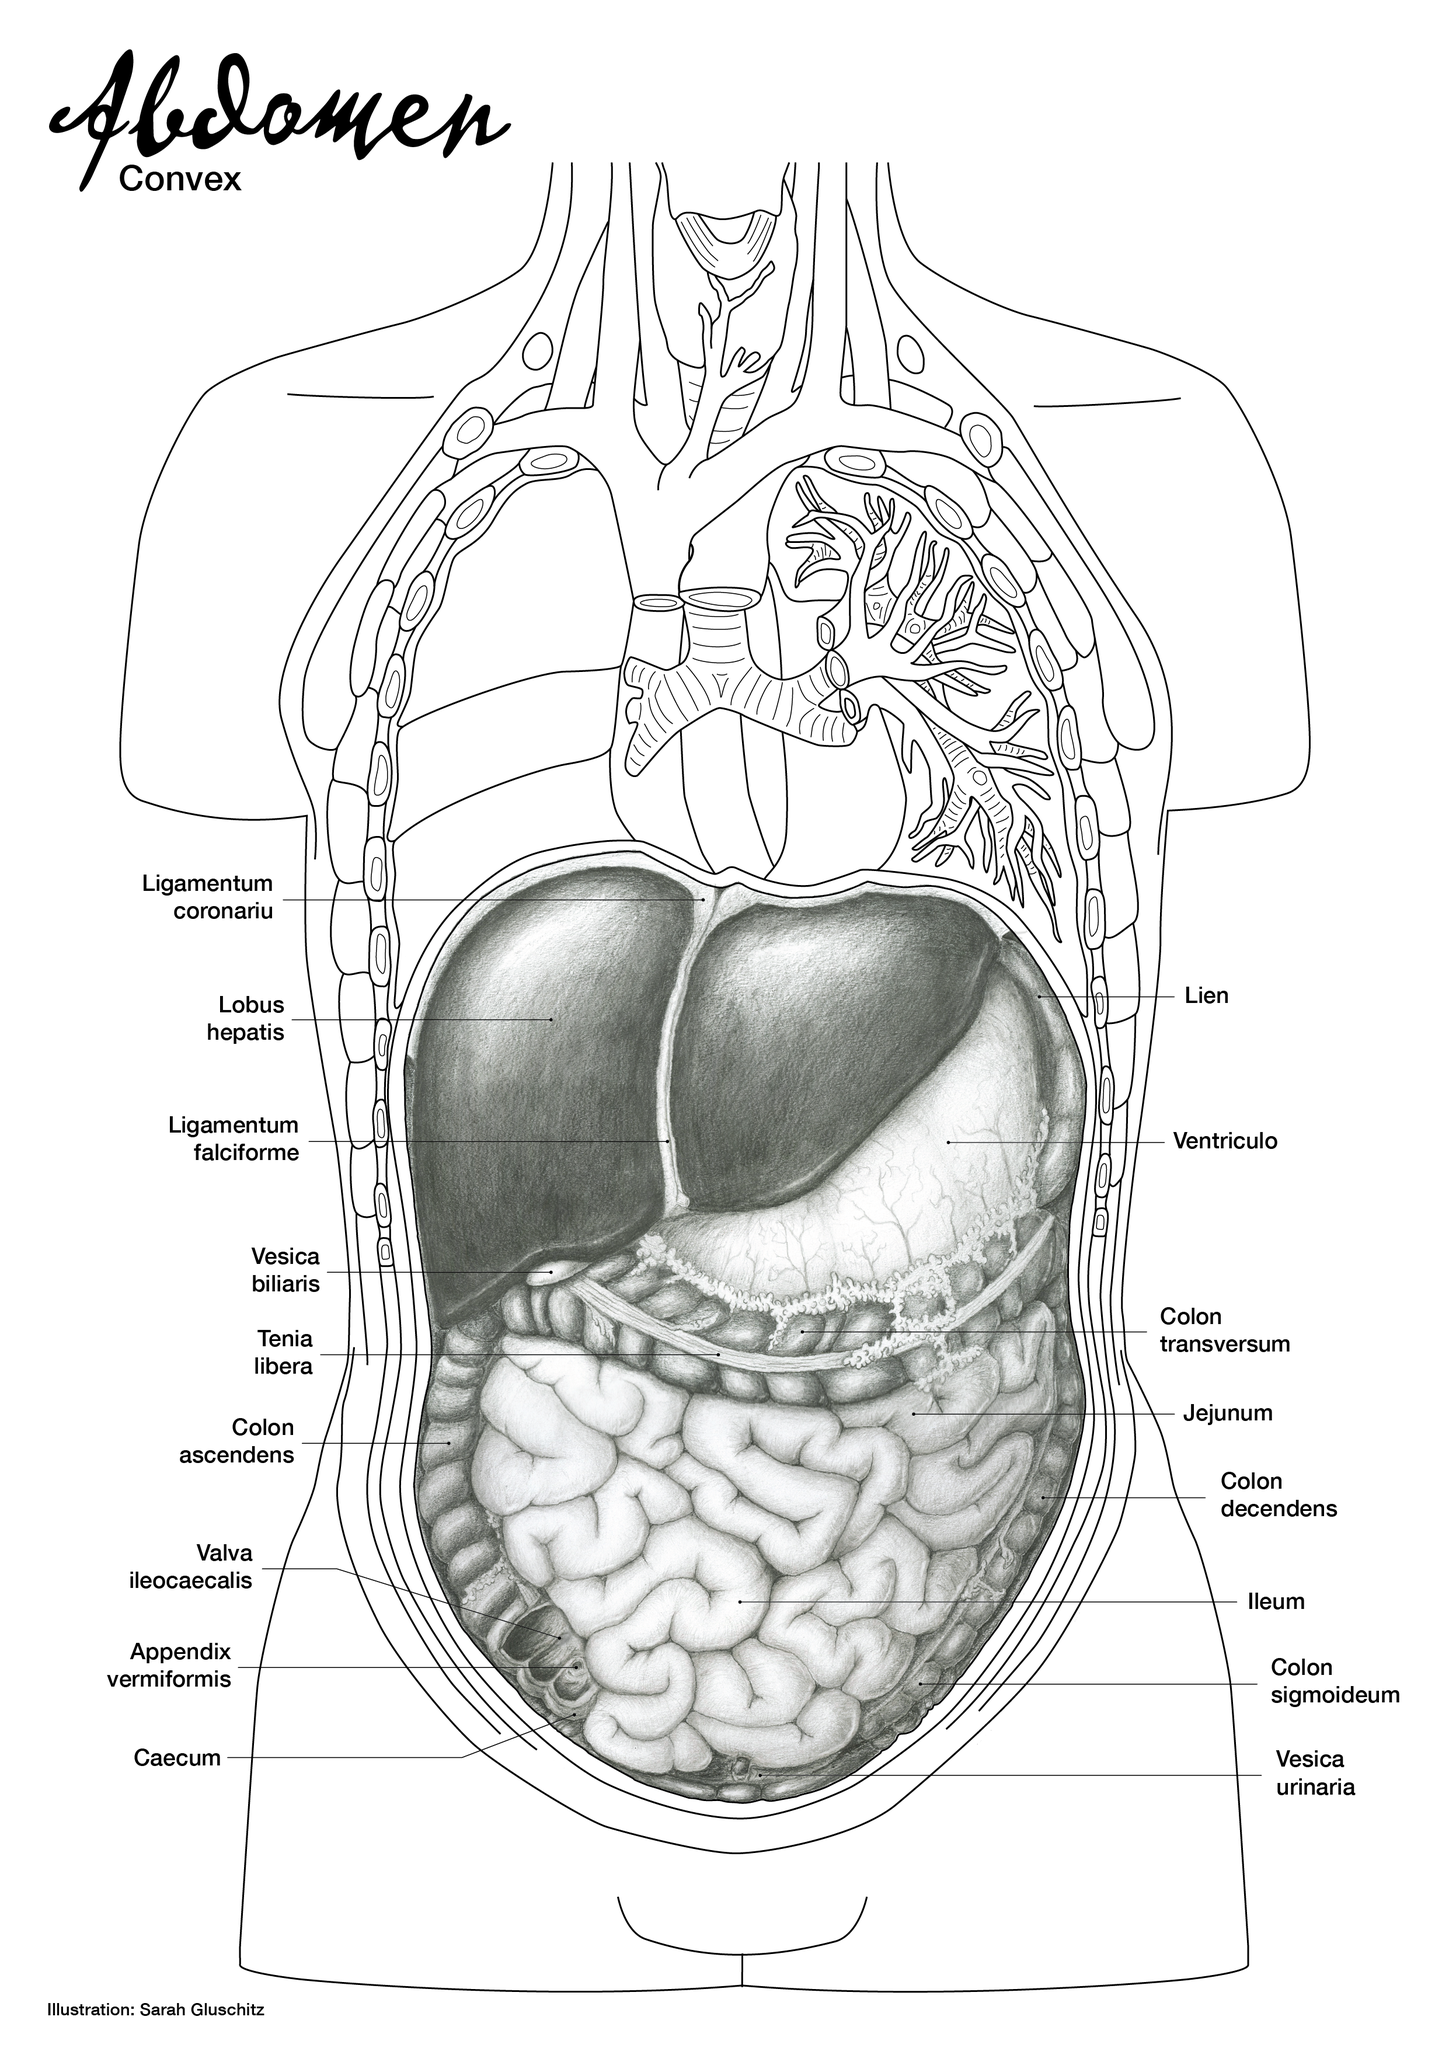 Erfreut Kolon Bild Anatomie Galerie - Anatomie Ideen - finotti.info